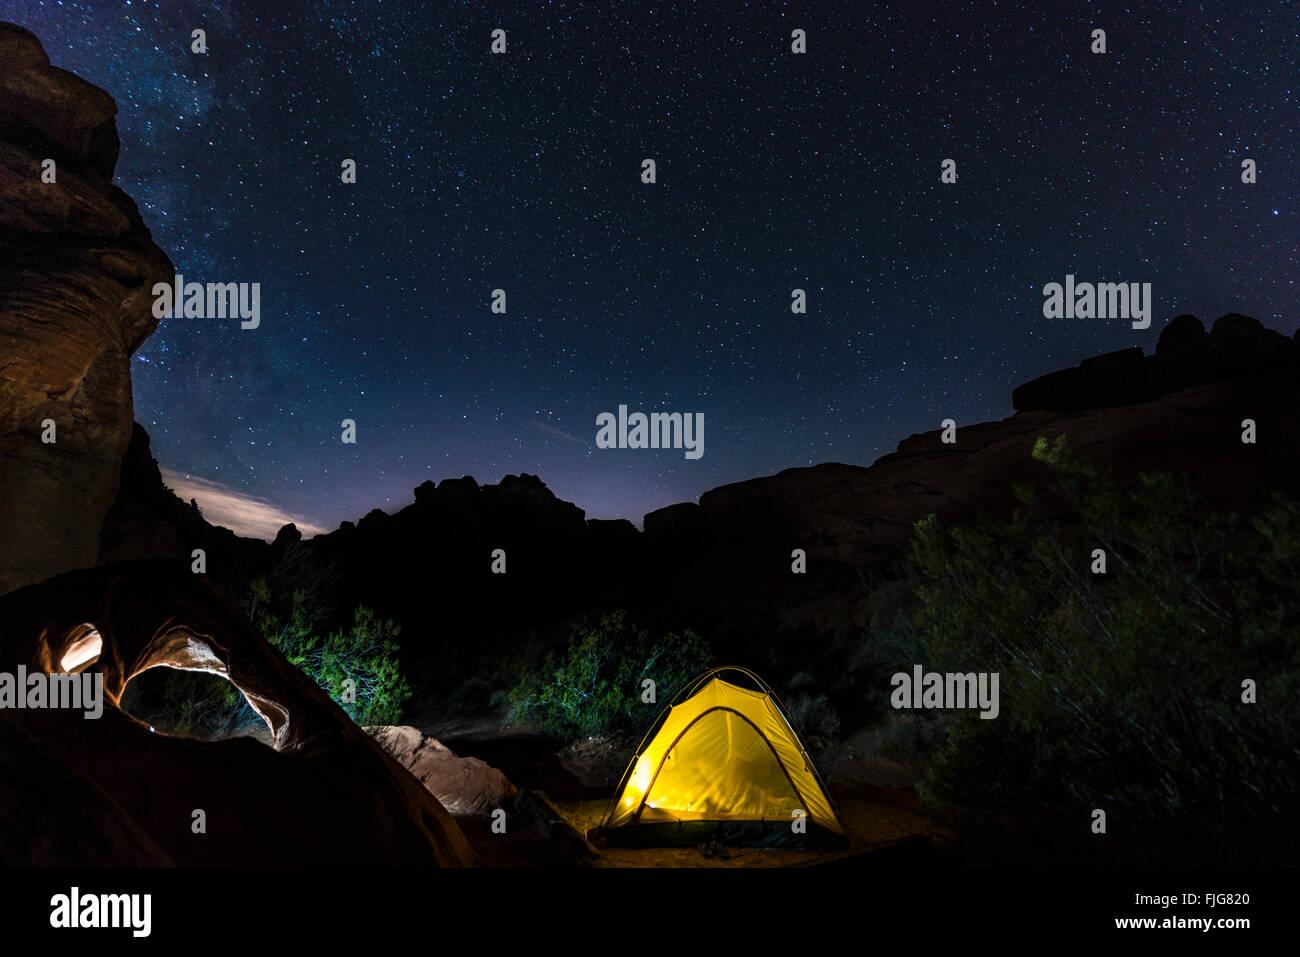 Tenda in un campeggio con cielo stellato sopra, scena notturna, Wildrose campeggio, il Parco Nazionale della Valle Foto Stock